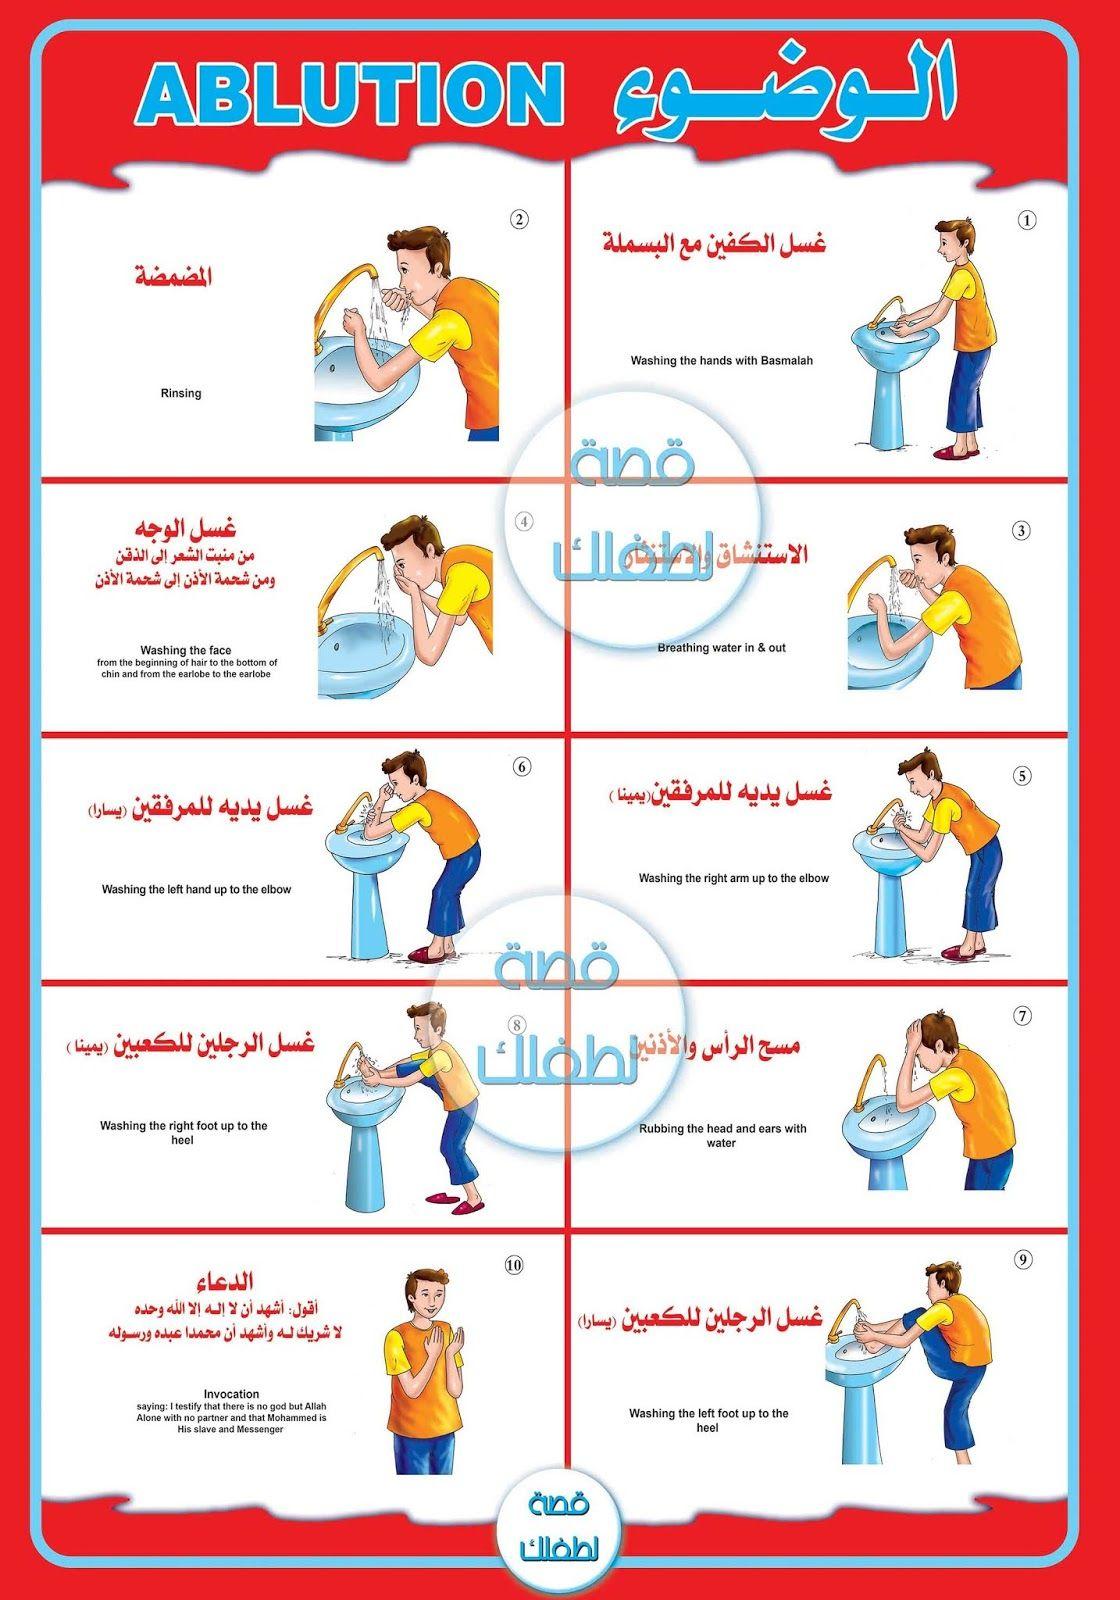 بوستر تعلم الوضوء باللغتين العربية والانجليزية يمكن طباعة البوستر وتعليم الطفل منه الوضوء وانتظروا بوستر تعلم الصلاة Face Wash Education Face